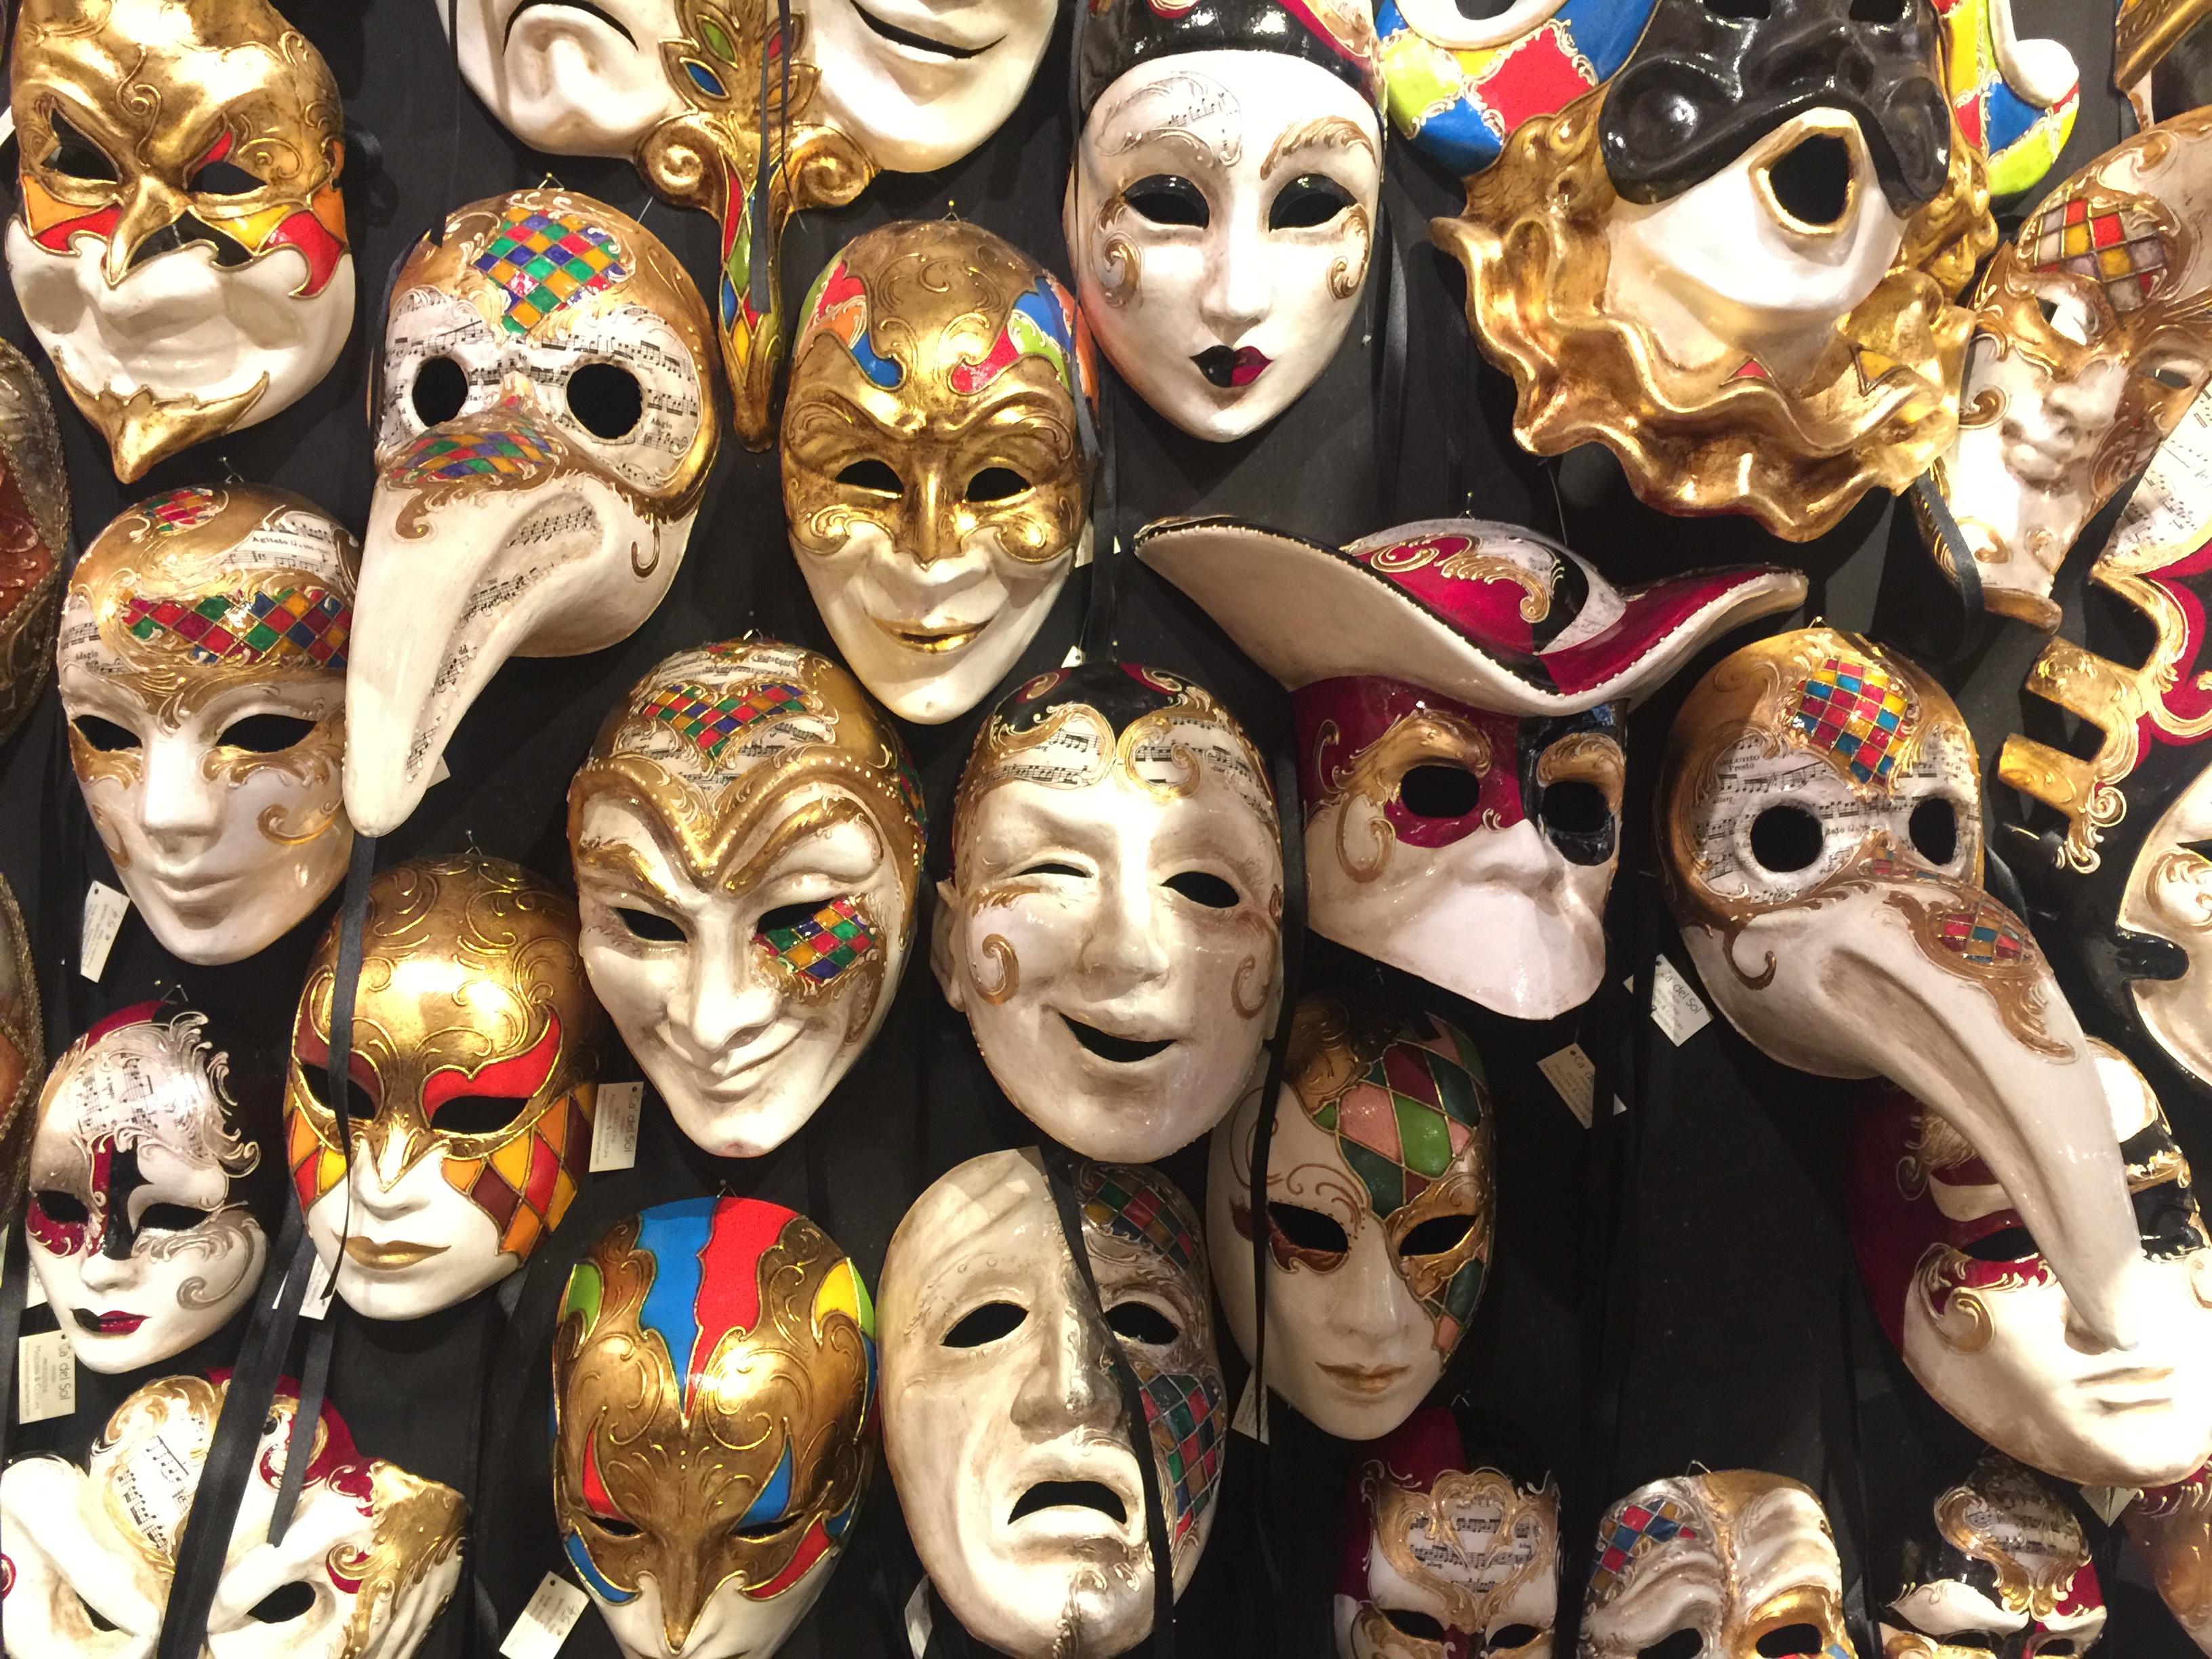 Maschere fatte a mano nel laboratorio di Ca' del Sol, Venezia